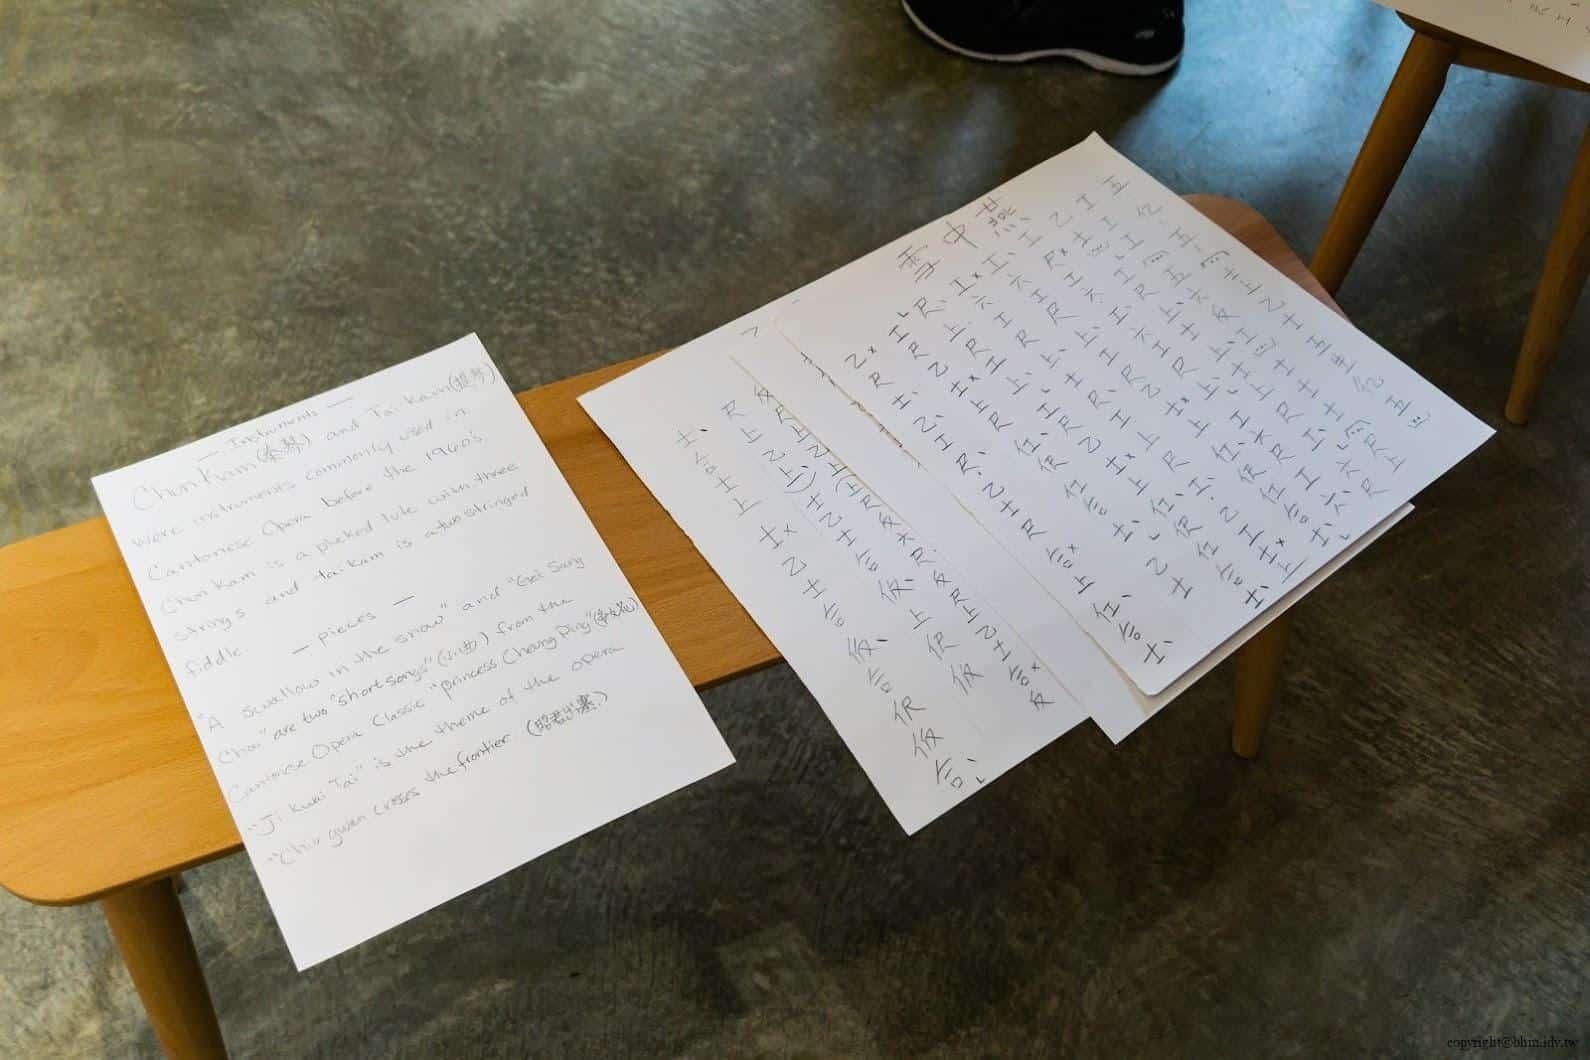 葉晉亨,香港部屋,前往當天現場正在進行中國音樂秦琴+提琴的演奏節目,並提供琴譜給遊客閱讀了解意涵 香港部屋 香港部屋 hong kong house 04